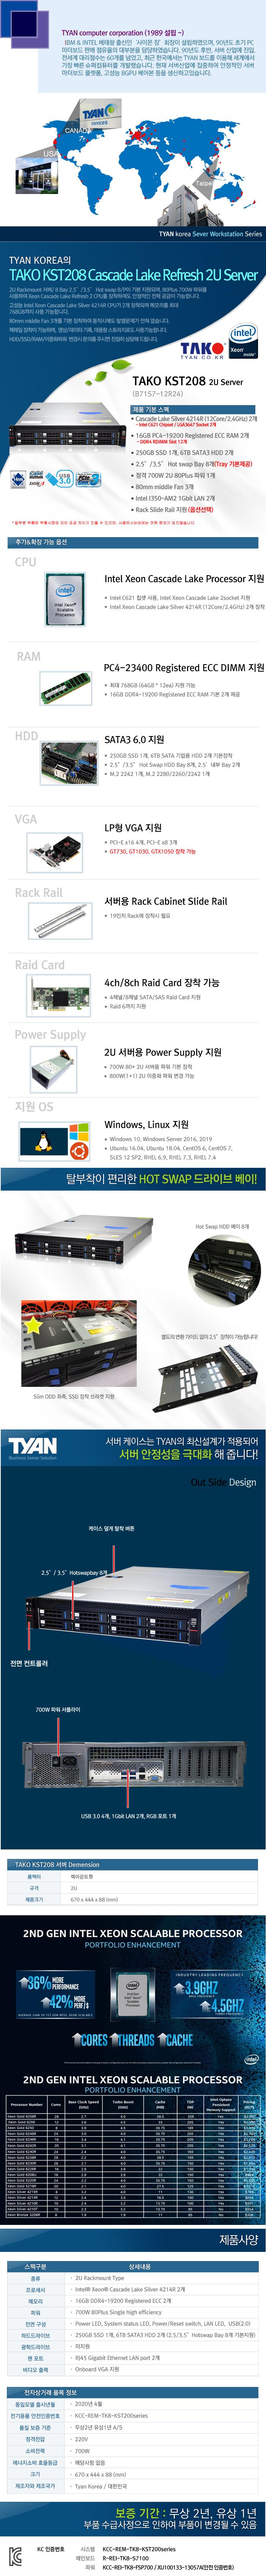 TYAN TAKO-KST208-(B71S7-12R24) (32GB, SSD 250GB + 12TB)